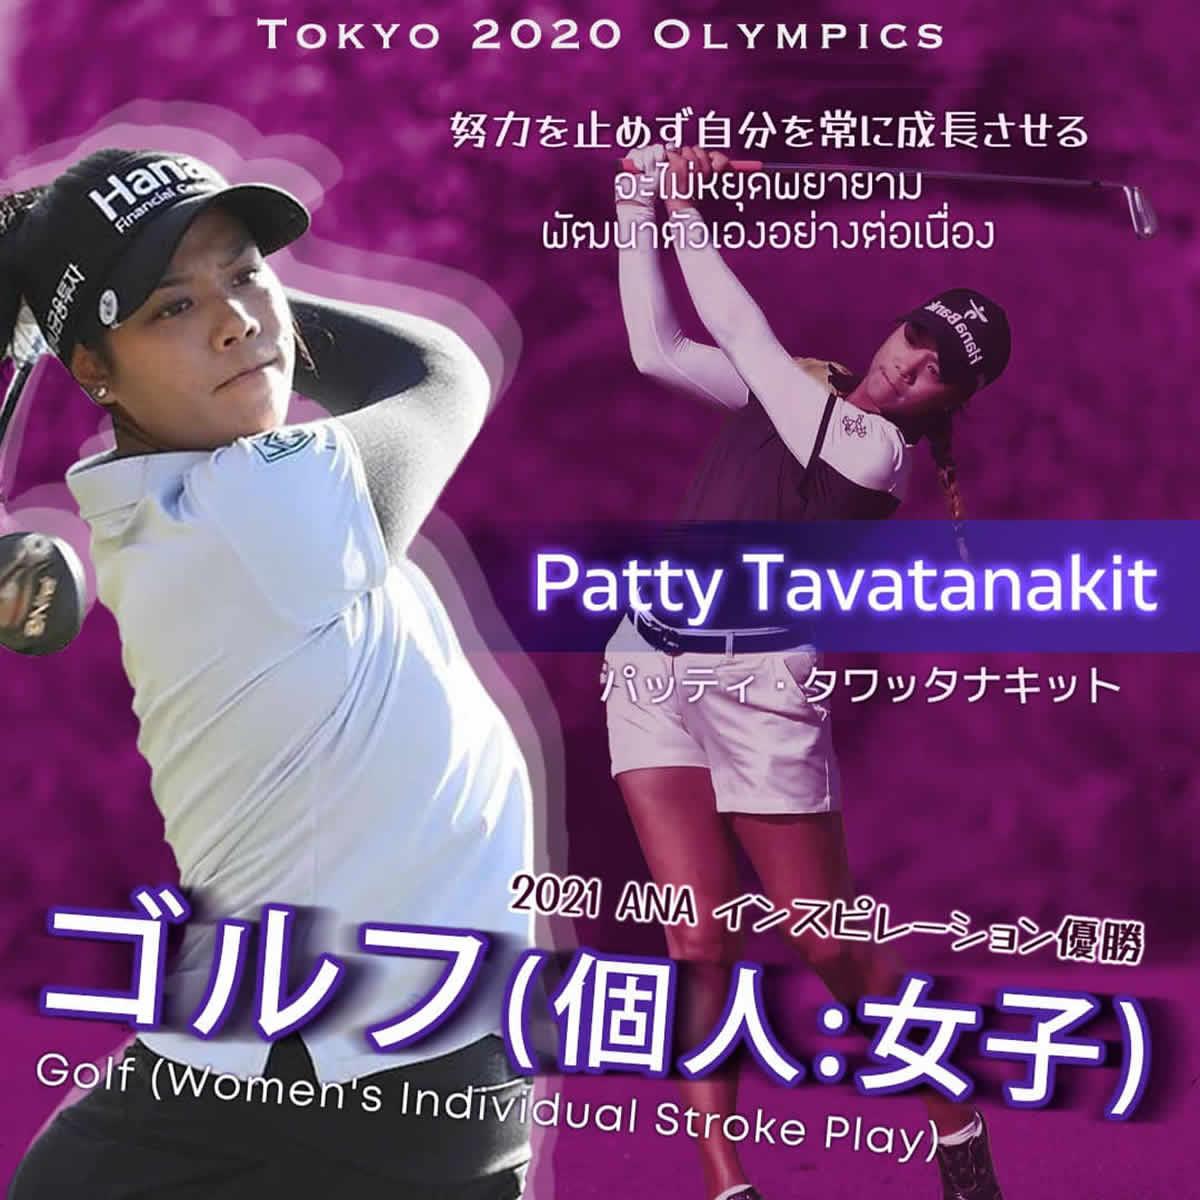 パパンコーン タワッタナキット(パティ)選手[女子ゴルフ タイ代表]東京2020オリンピック